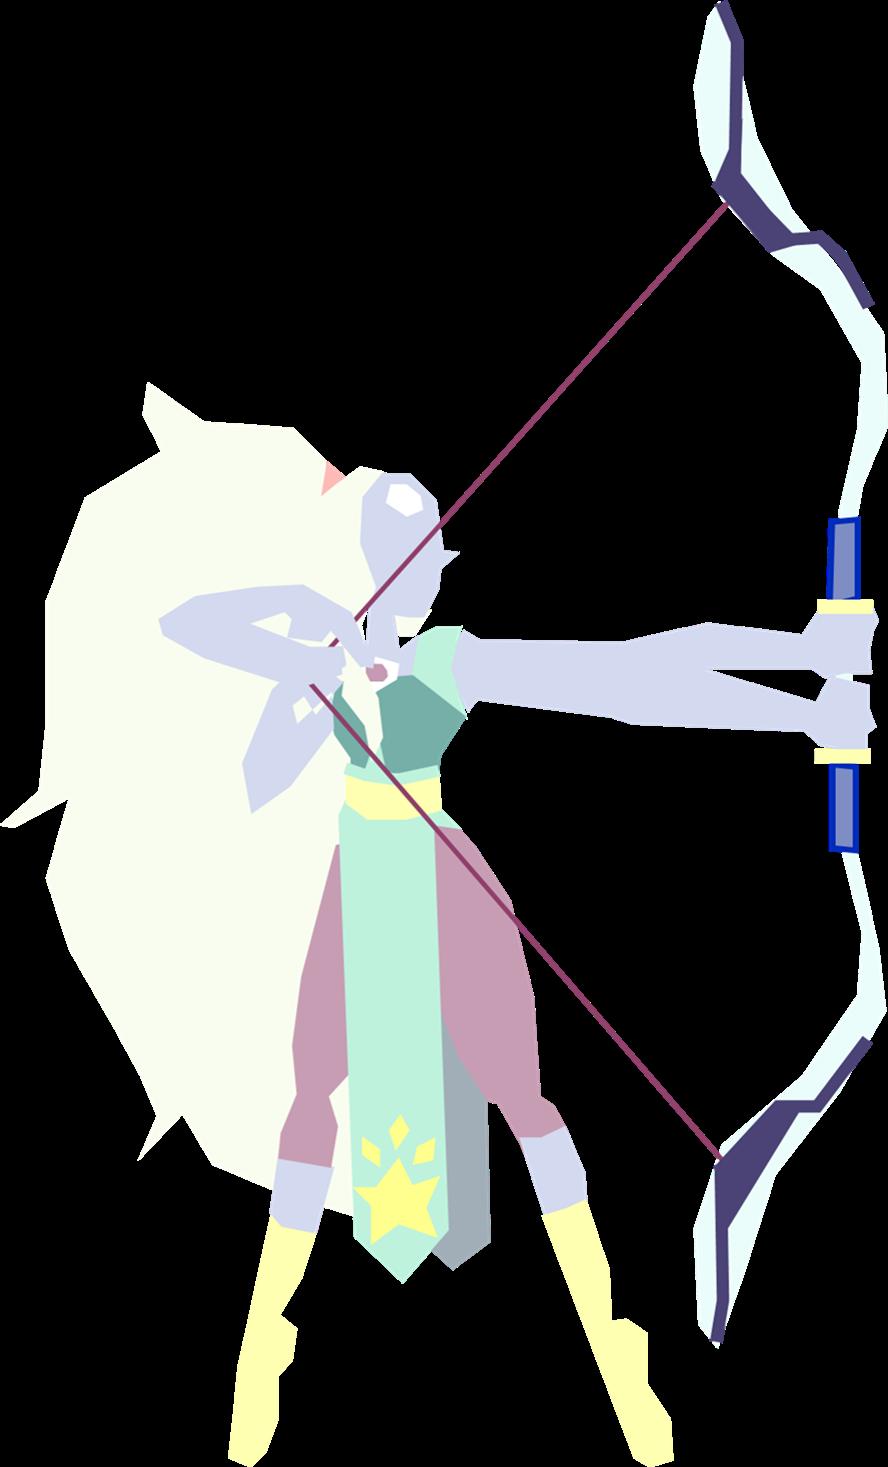 Steven Universe: Opal (Updated) by SamuelJEllis on DeviantArt